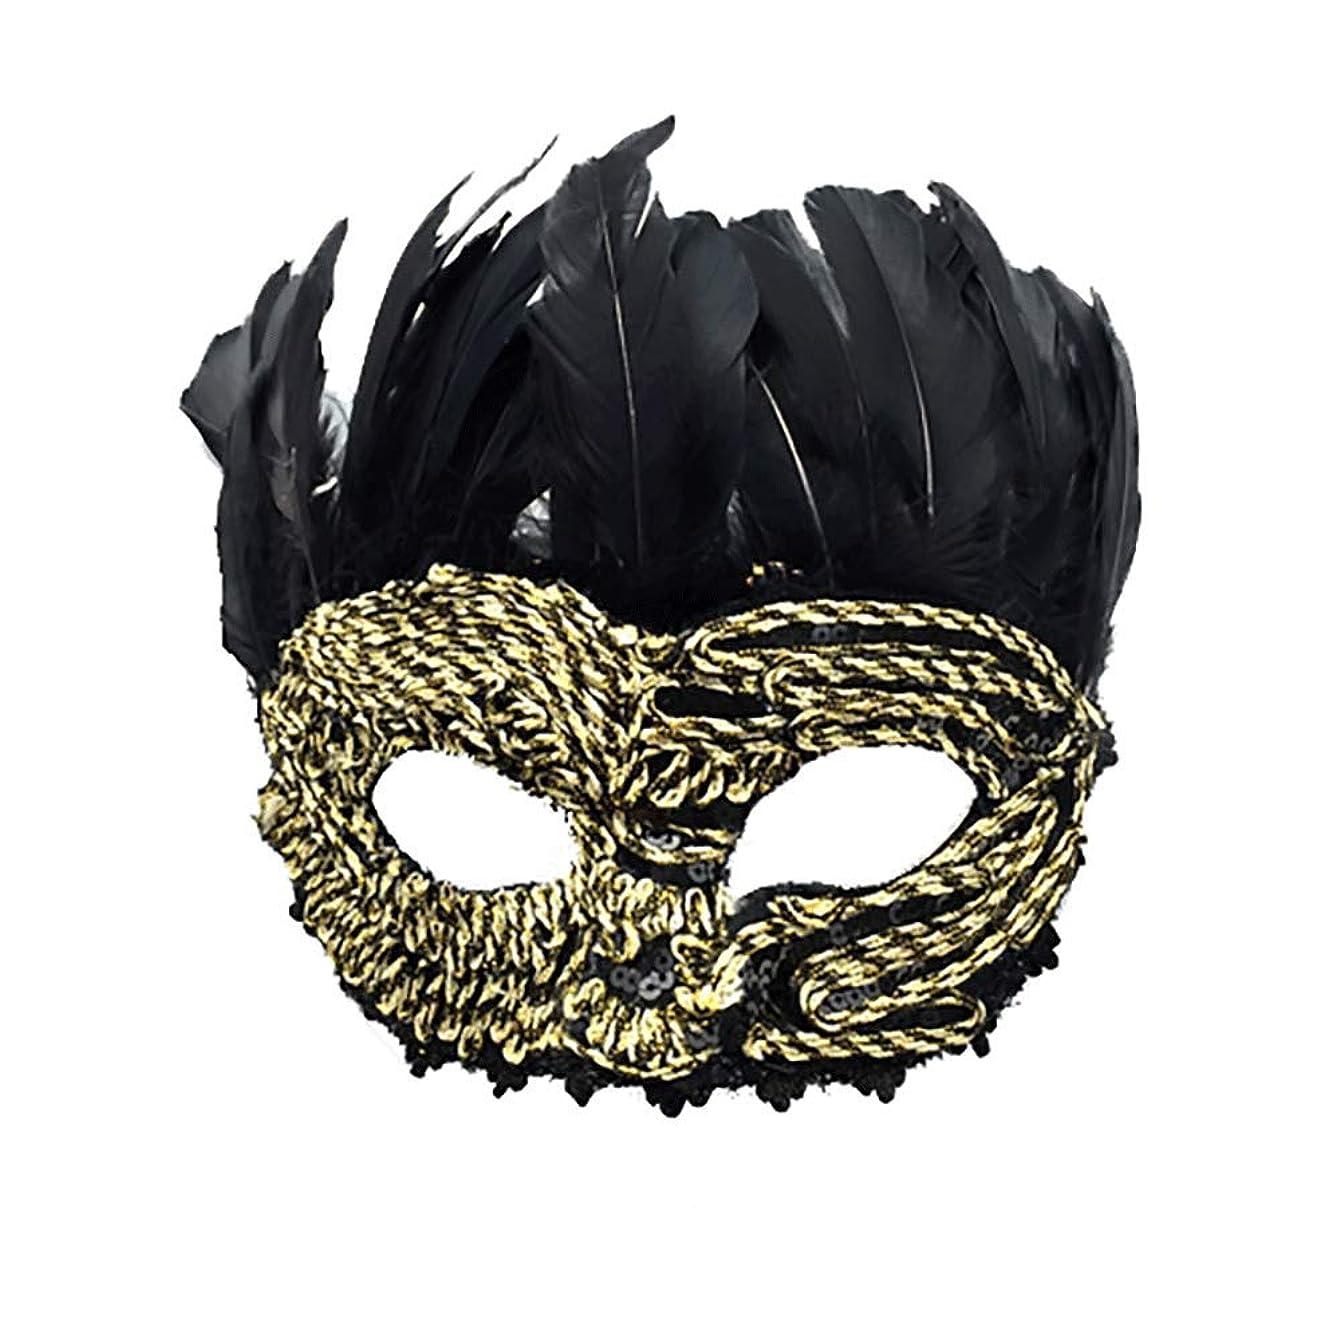 アルファベット昼食窒素Nanle ハロウィーンクリスマスレースフェザースパンコール刺繍マスク仮装マスクレディーメンズミスプリンセス美容祭パーティーデコレーションマスク(カップルモデル) (色 : Style B)